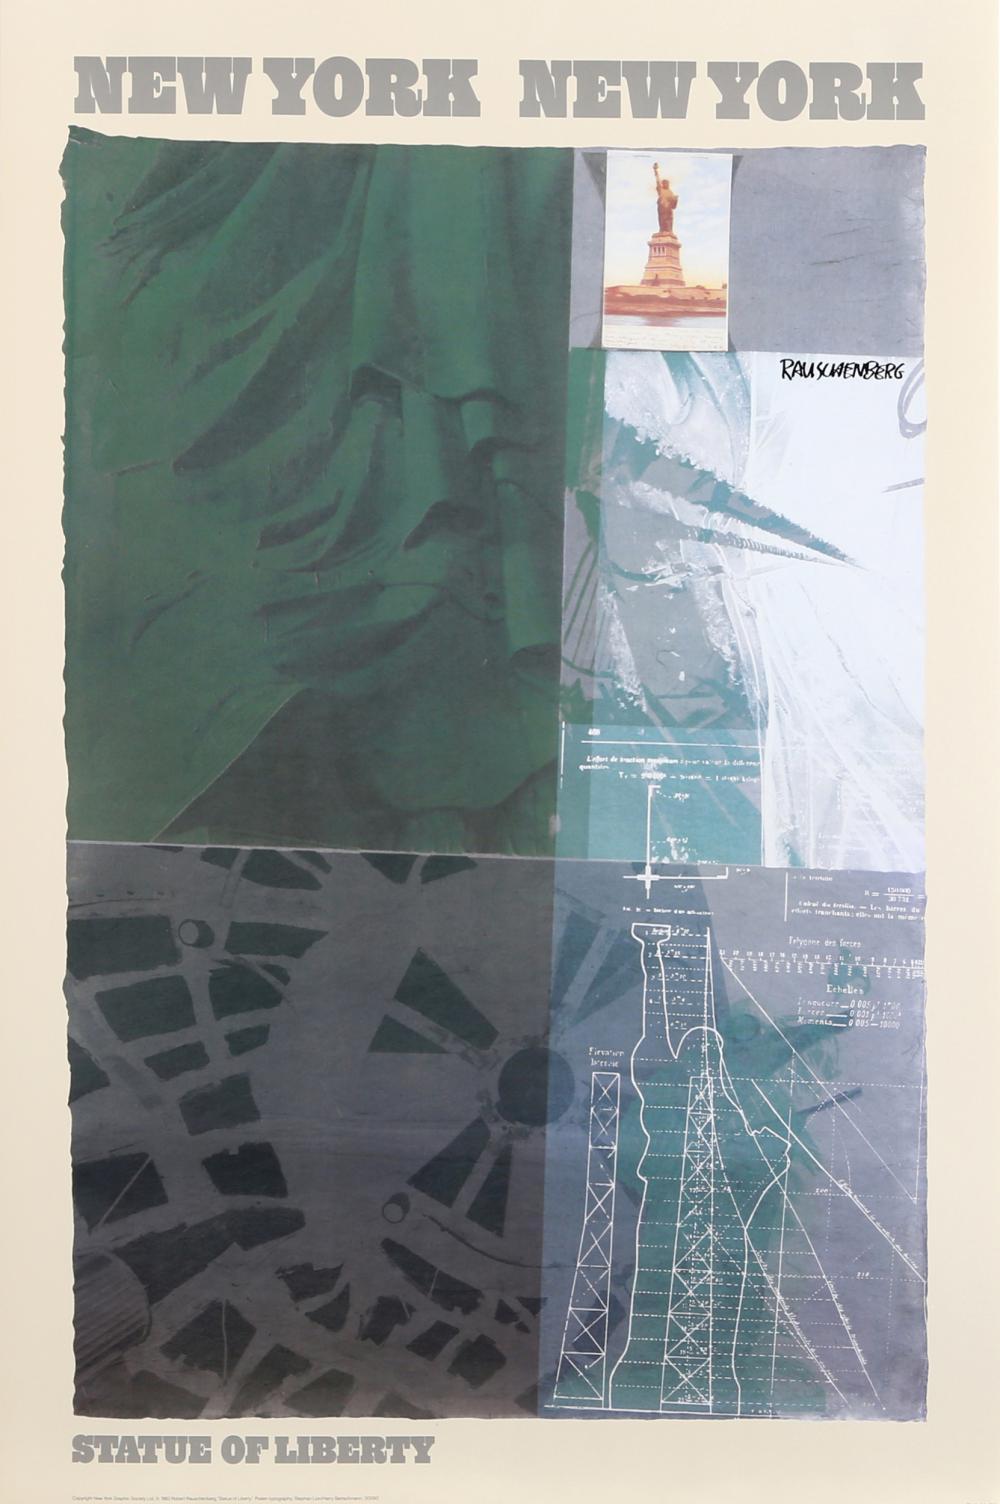 Robert Rauschenberg, Statue of Liberty, Poster